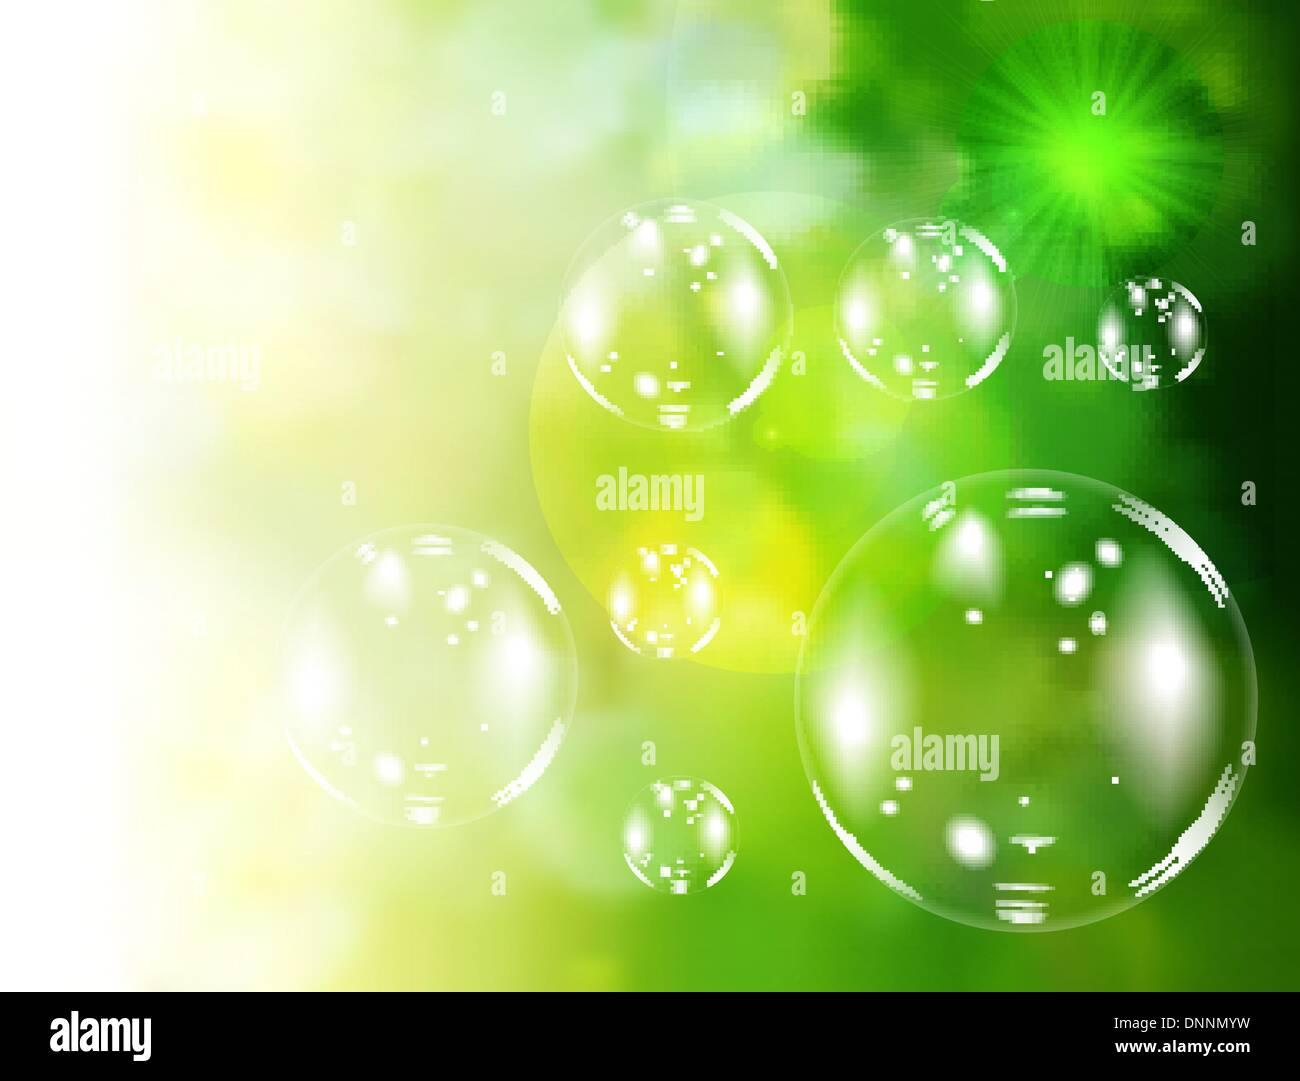 Burbujas de Jabón natural de fondo verde. Ilustración vectorial Imagen De Stock